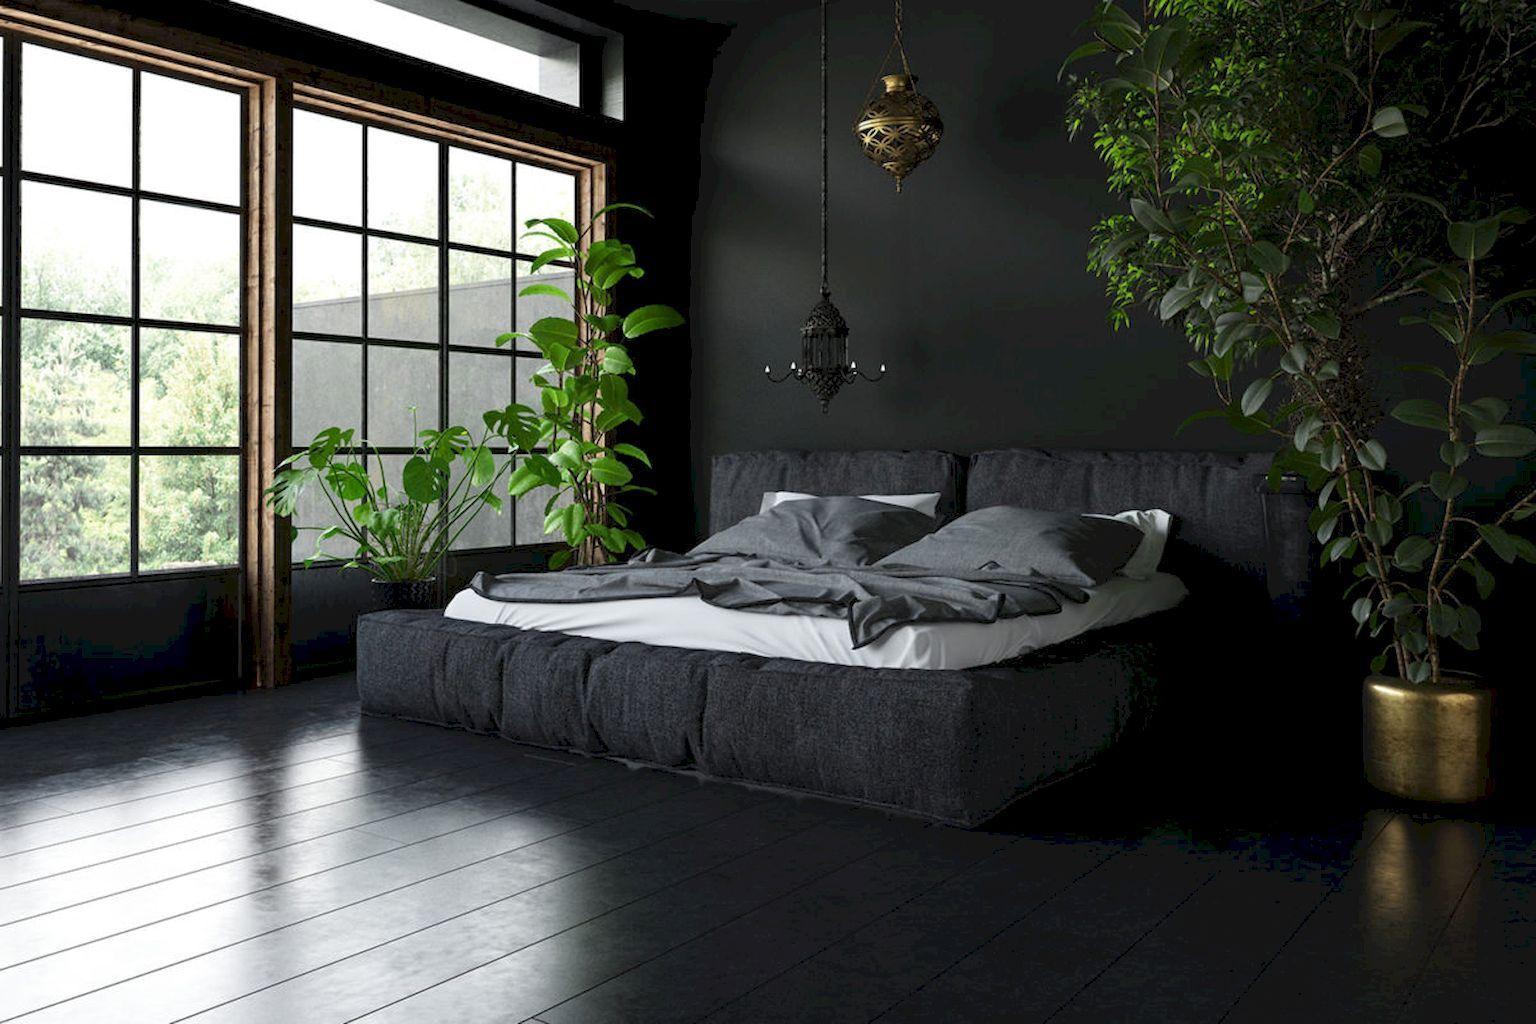 65 Gorgeous Dark Bedroom Decorating Ideas Decorationroom Bedroom Decor Dark Black Walls Bedroom Dark Interior Design